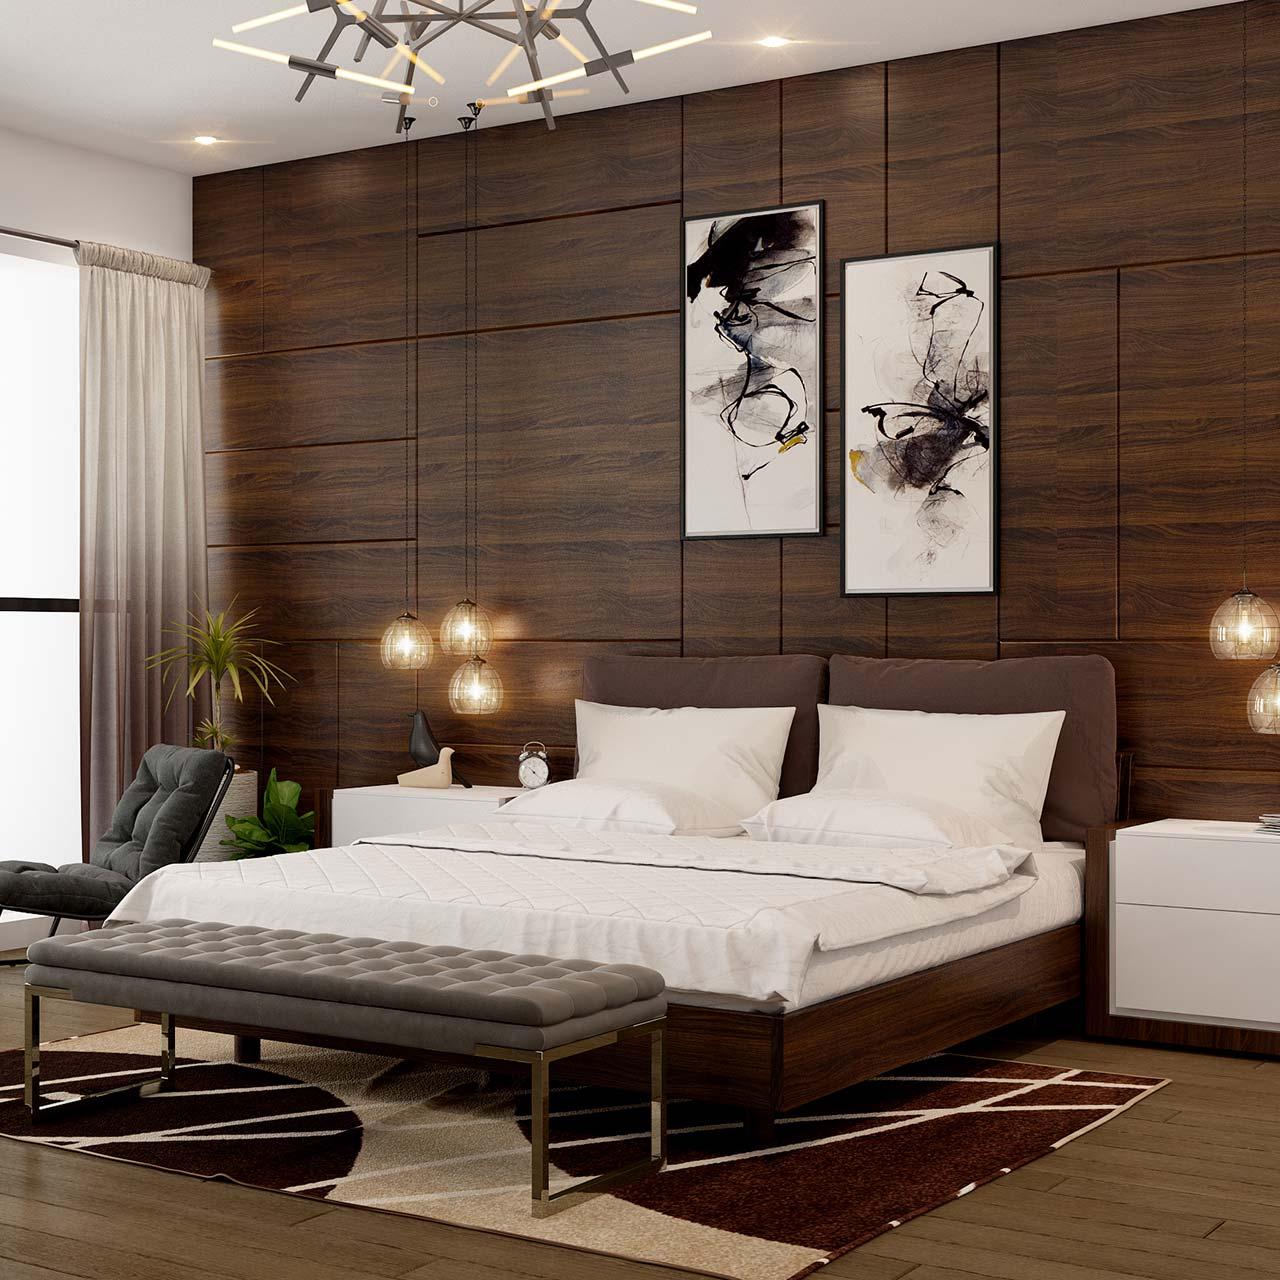 Best interior design for bedroom guide